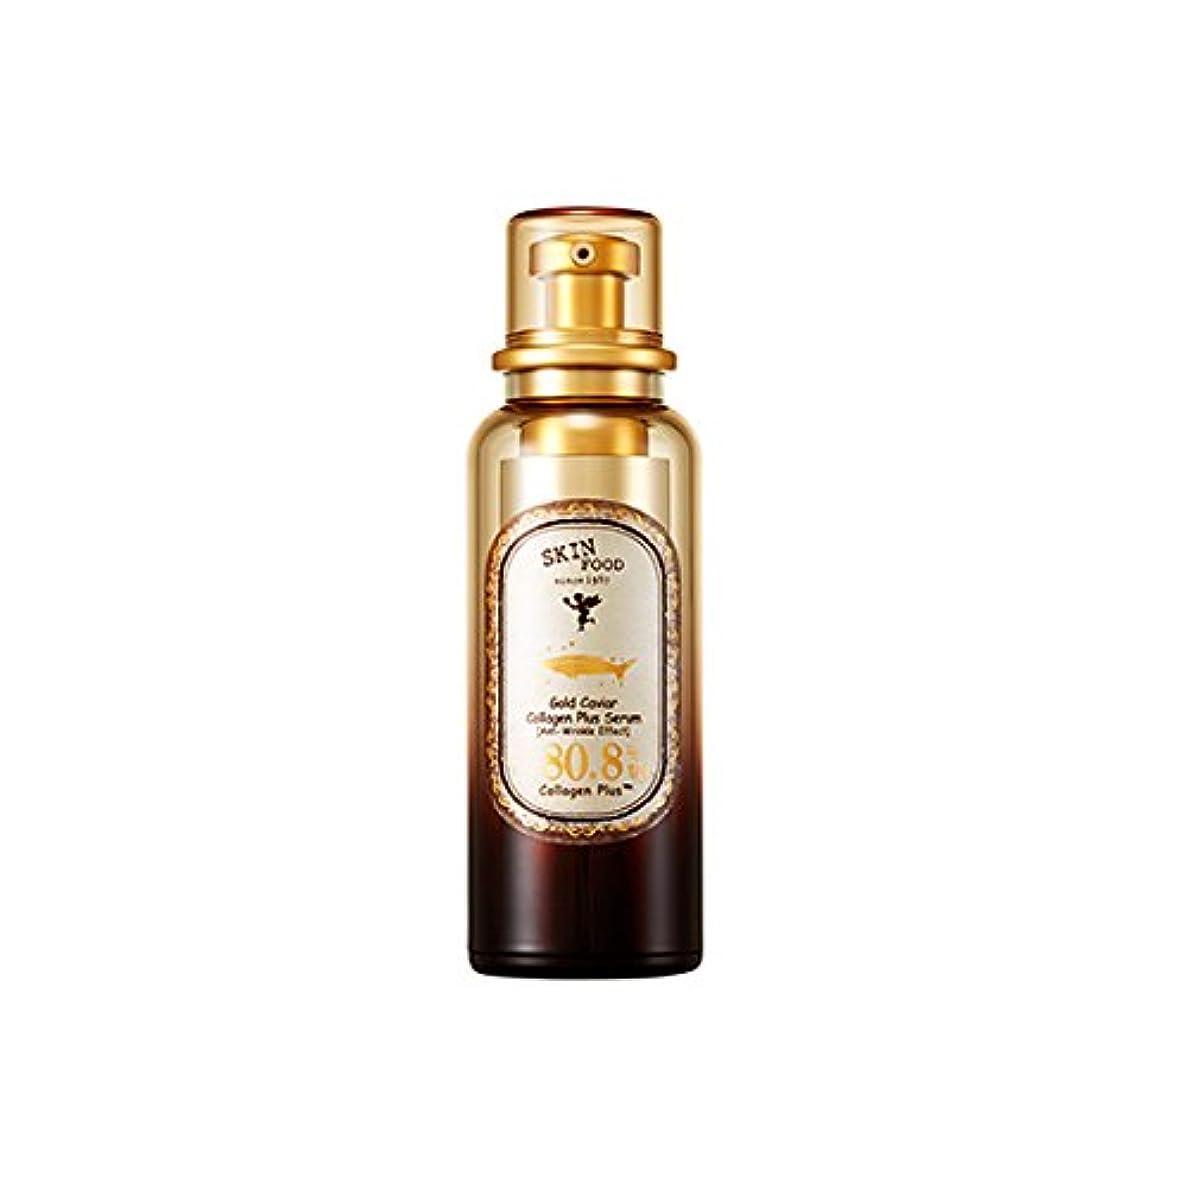 落ち着いたグロー債権者Skinfood ゴールドキャビアコラーゲンプラスセラム(しわ防止効果) / Gold Caviar Collagen Plus Serum (Anti-wrinkle Effect) 40ml [並行輸入品]